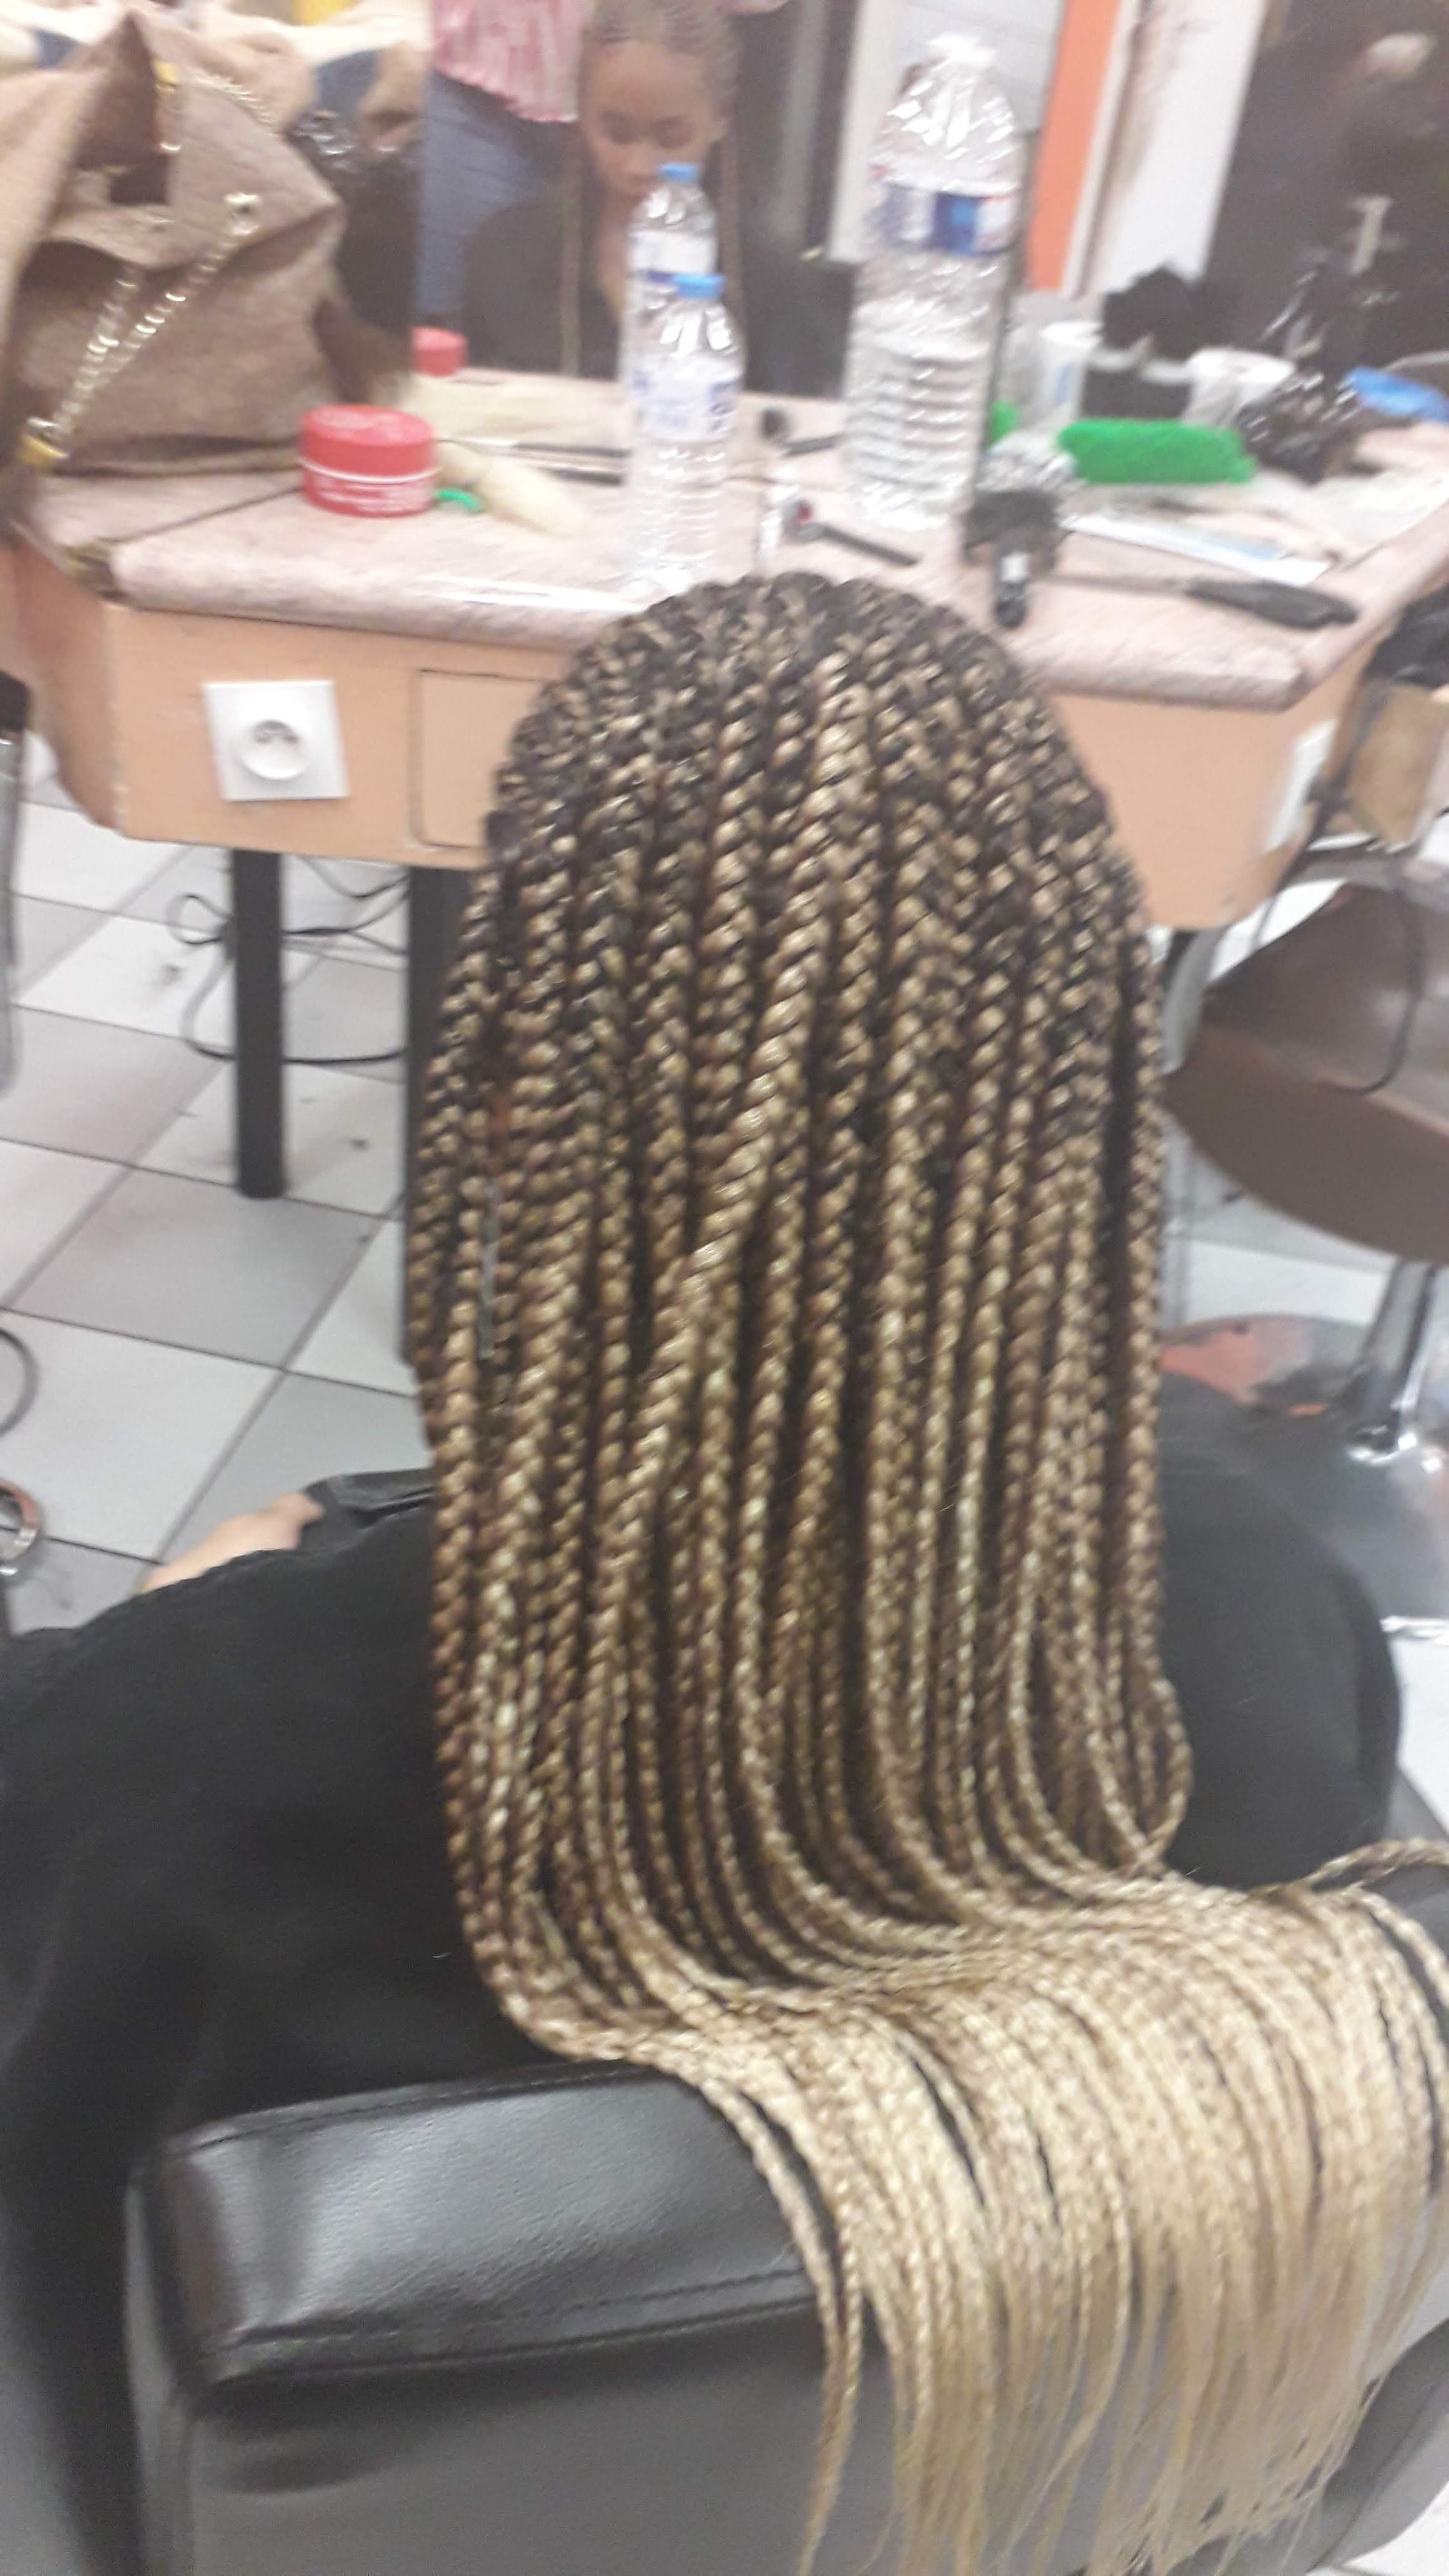 salon de coiffure afro tresse tresses box braids crochet braids vanilles tissages paris 75 77 78 91 92 93 94 95 HJOLYGRB